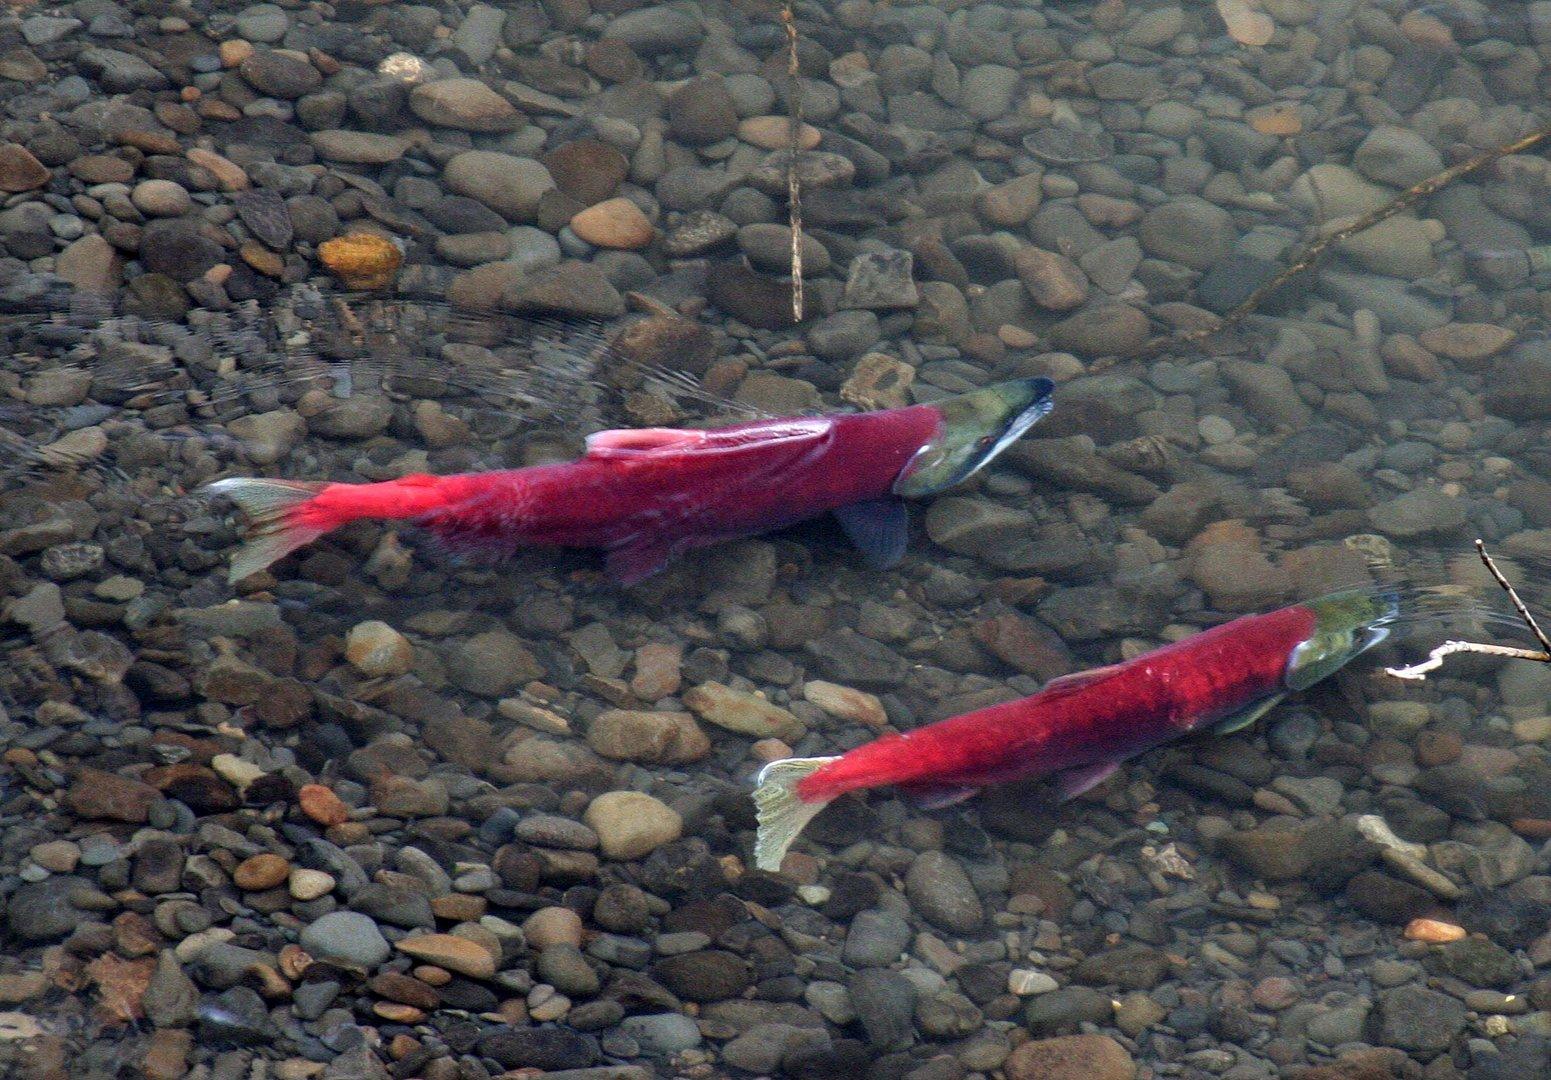 Rote Lachse (1) (Sokeye-Lachse (Oncorhynchus nerka)